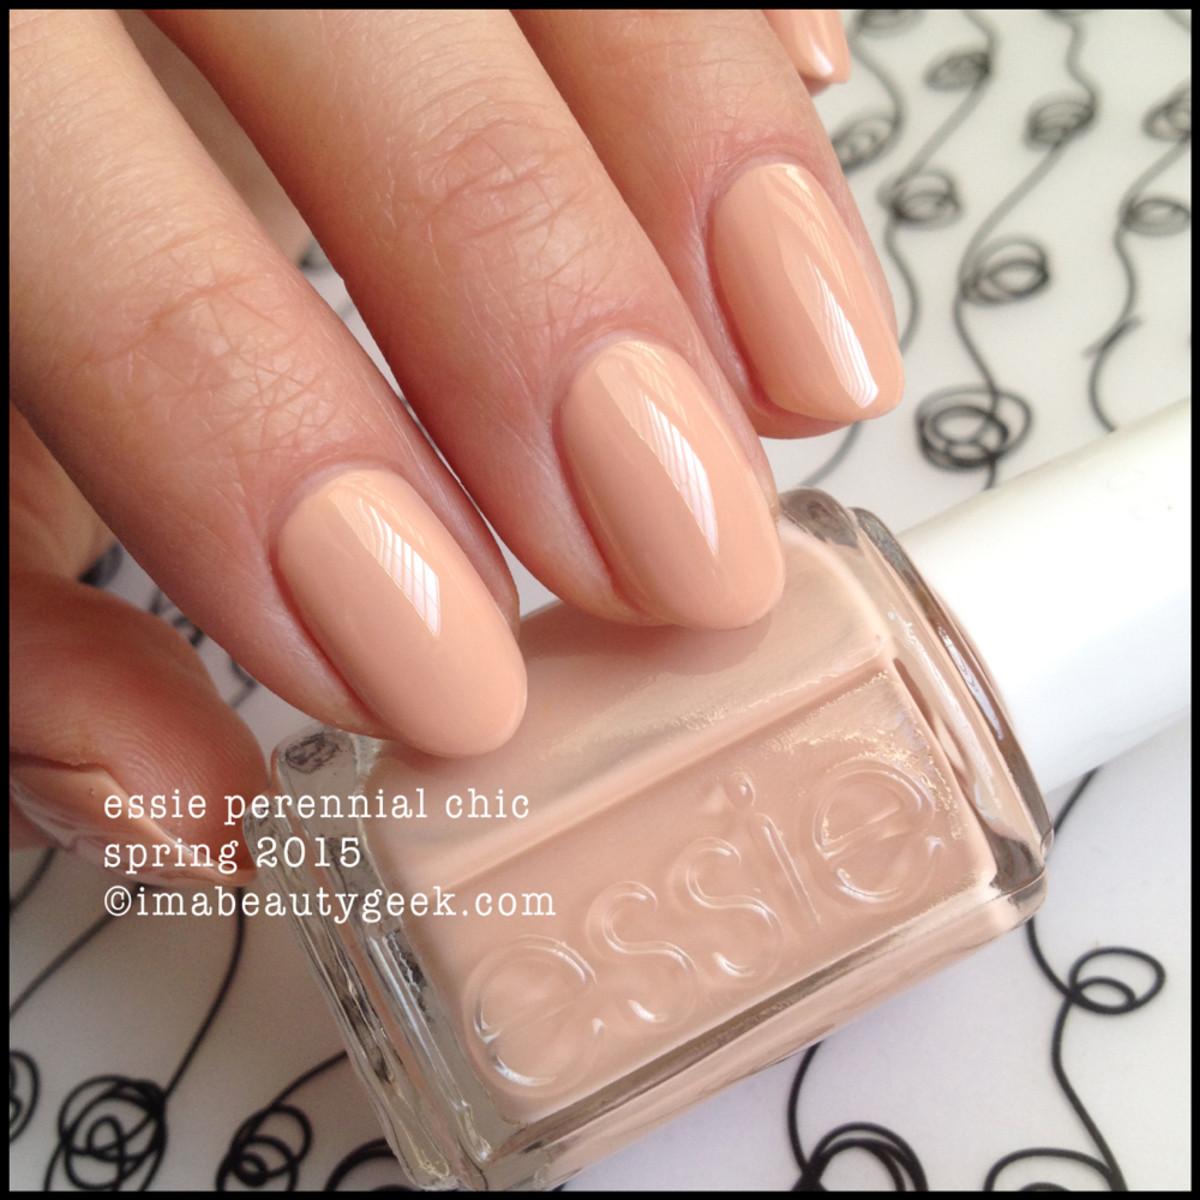 Essie Perennial Chic Spring 2015